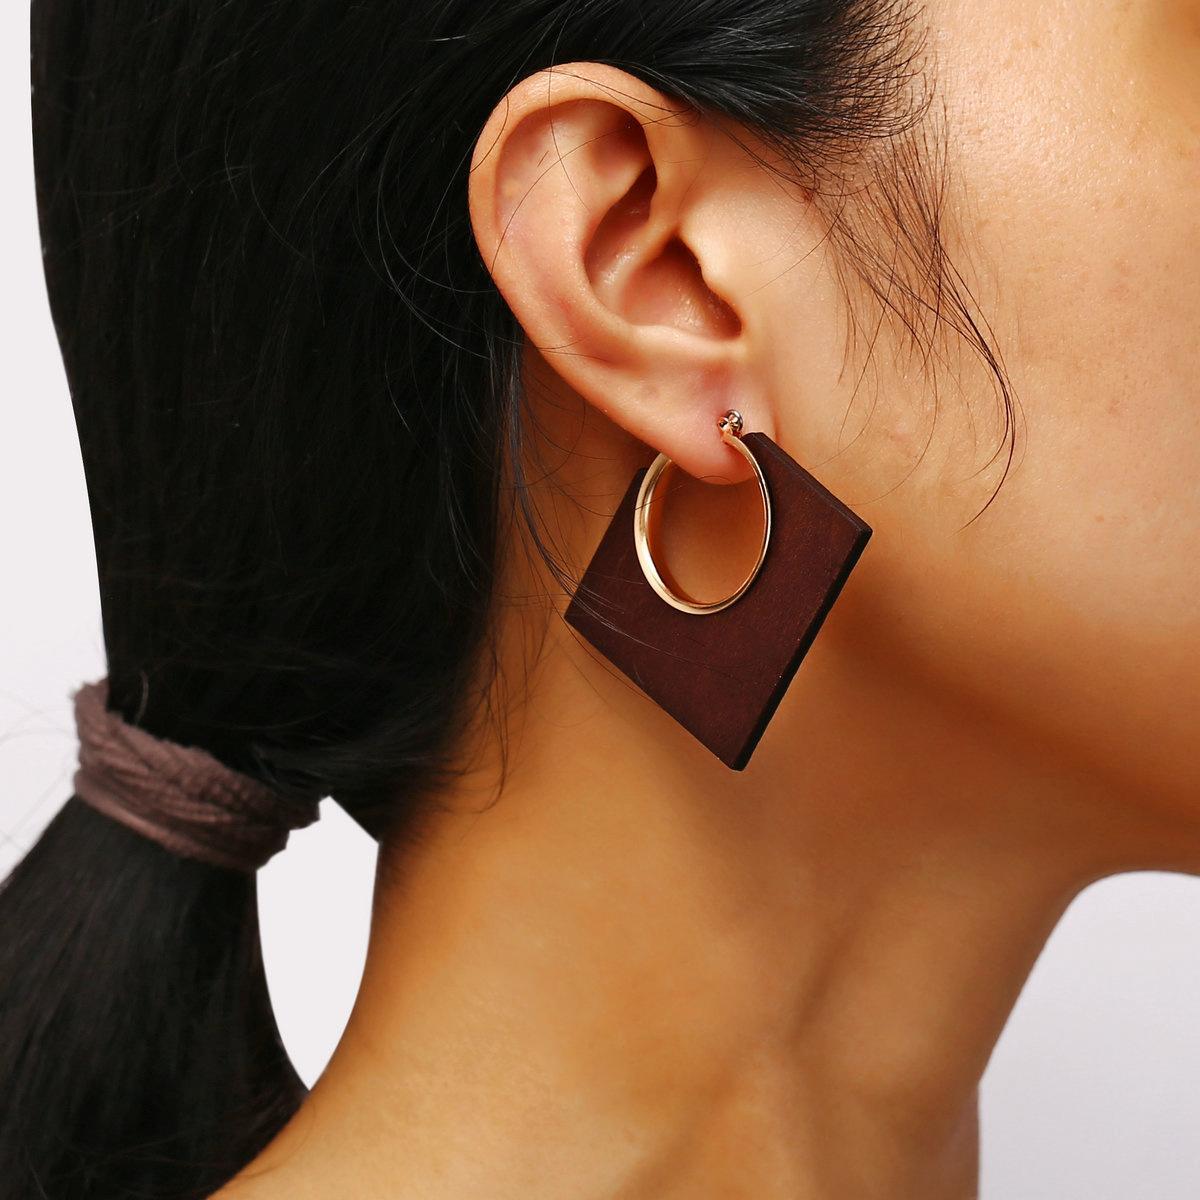 جديدة فريدة من نوعها تصميم أقراط هندسية لبيان النساء ساحة كبيرة مستديرة قرط الإبداعية خمر الكلاسيكية براون القرط خشبي